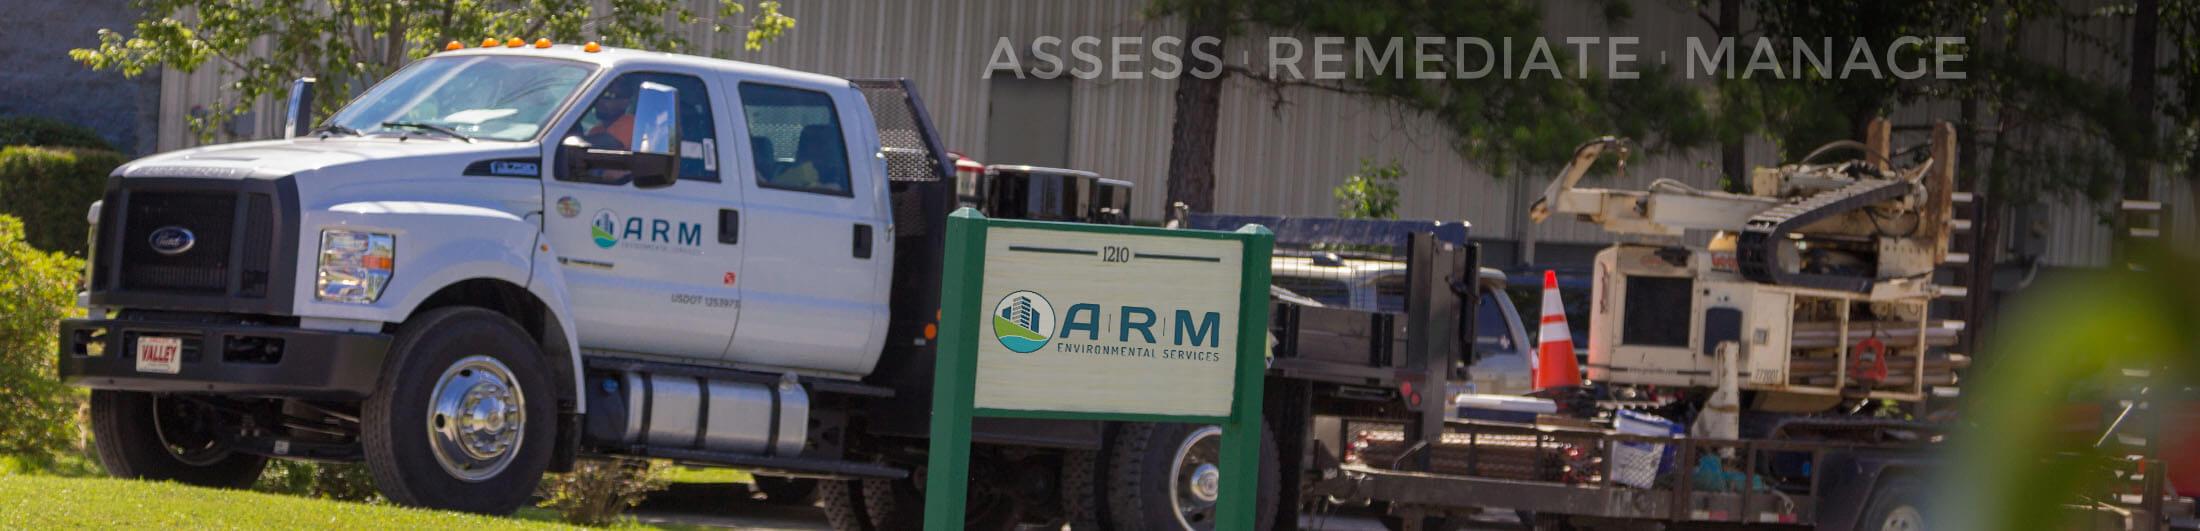 assess-remediate-manage